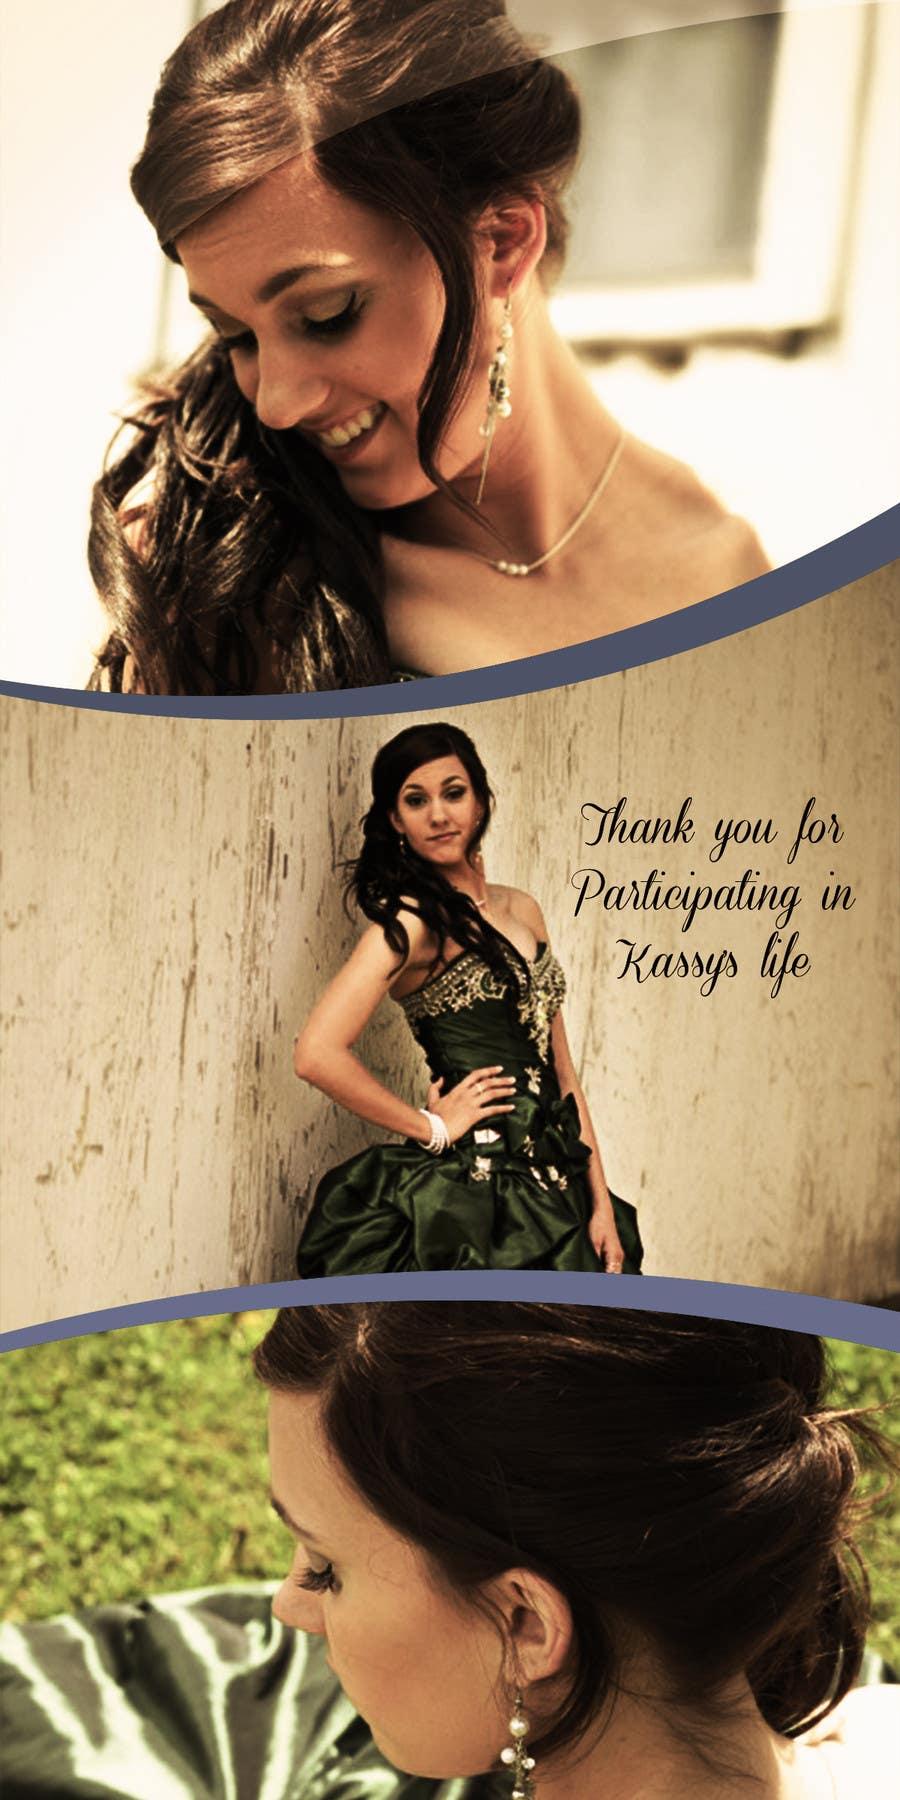 Inscrição nº                                         3                                      do Concurso para                                         Design a Flyer for a Thank you Card